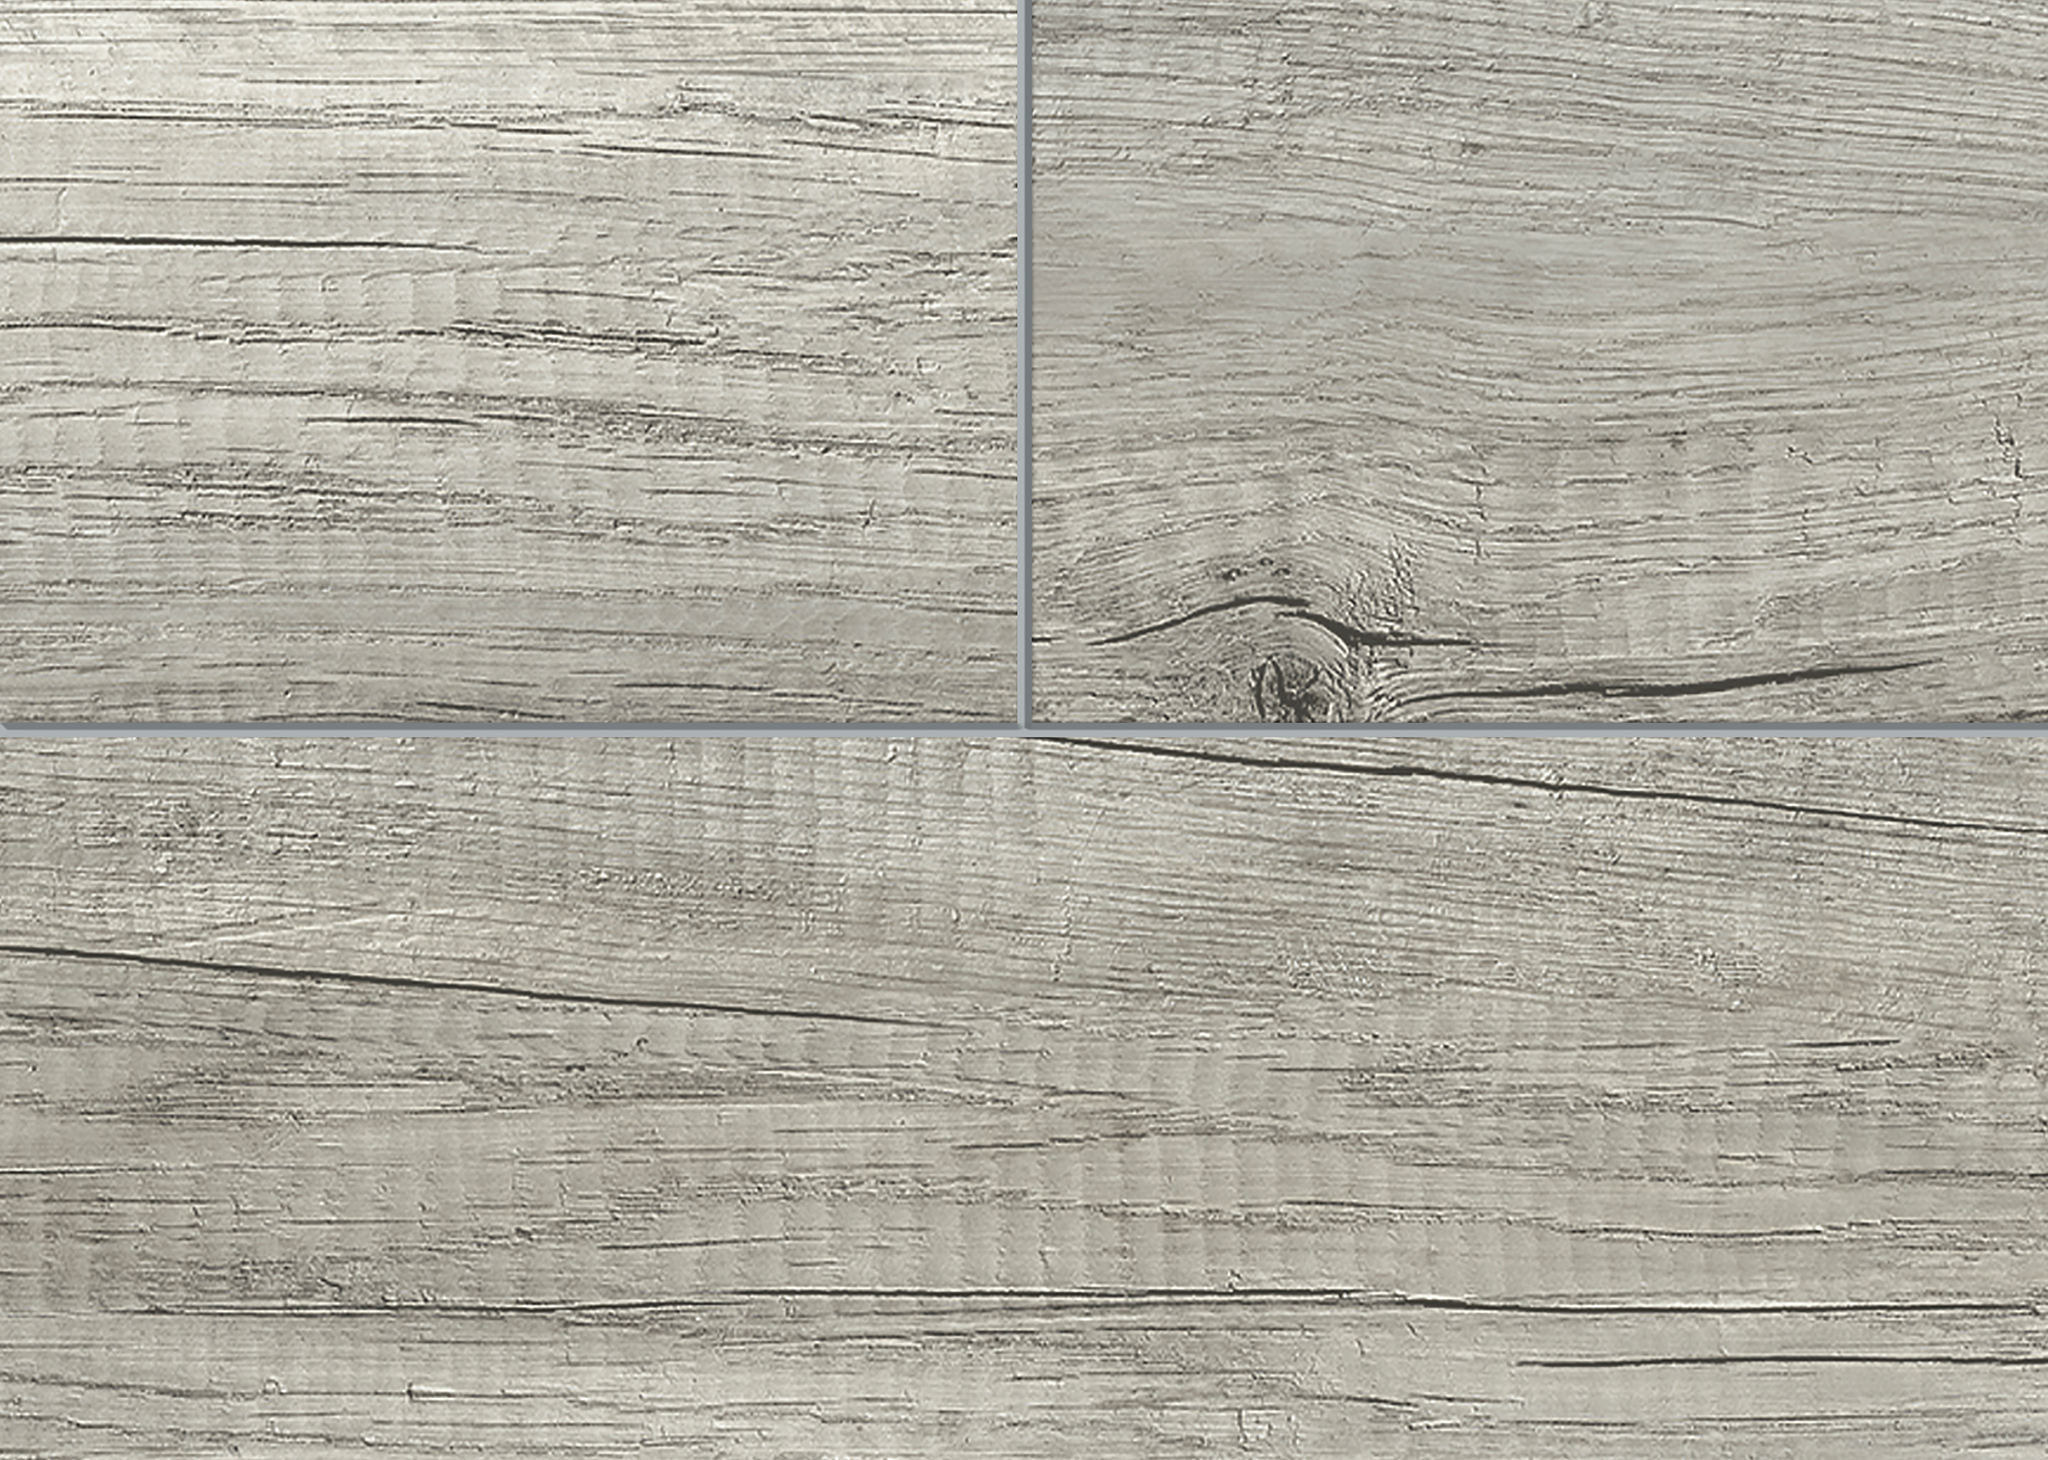 Wiparquet Eco Aqua Oak light grey